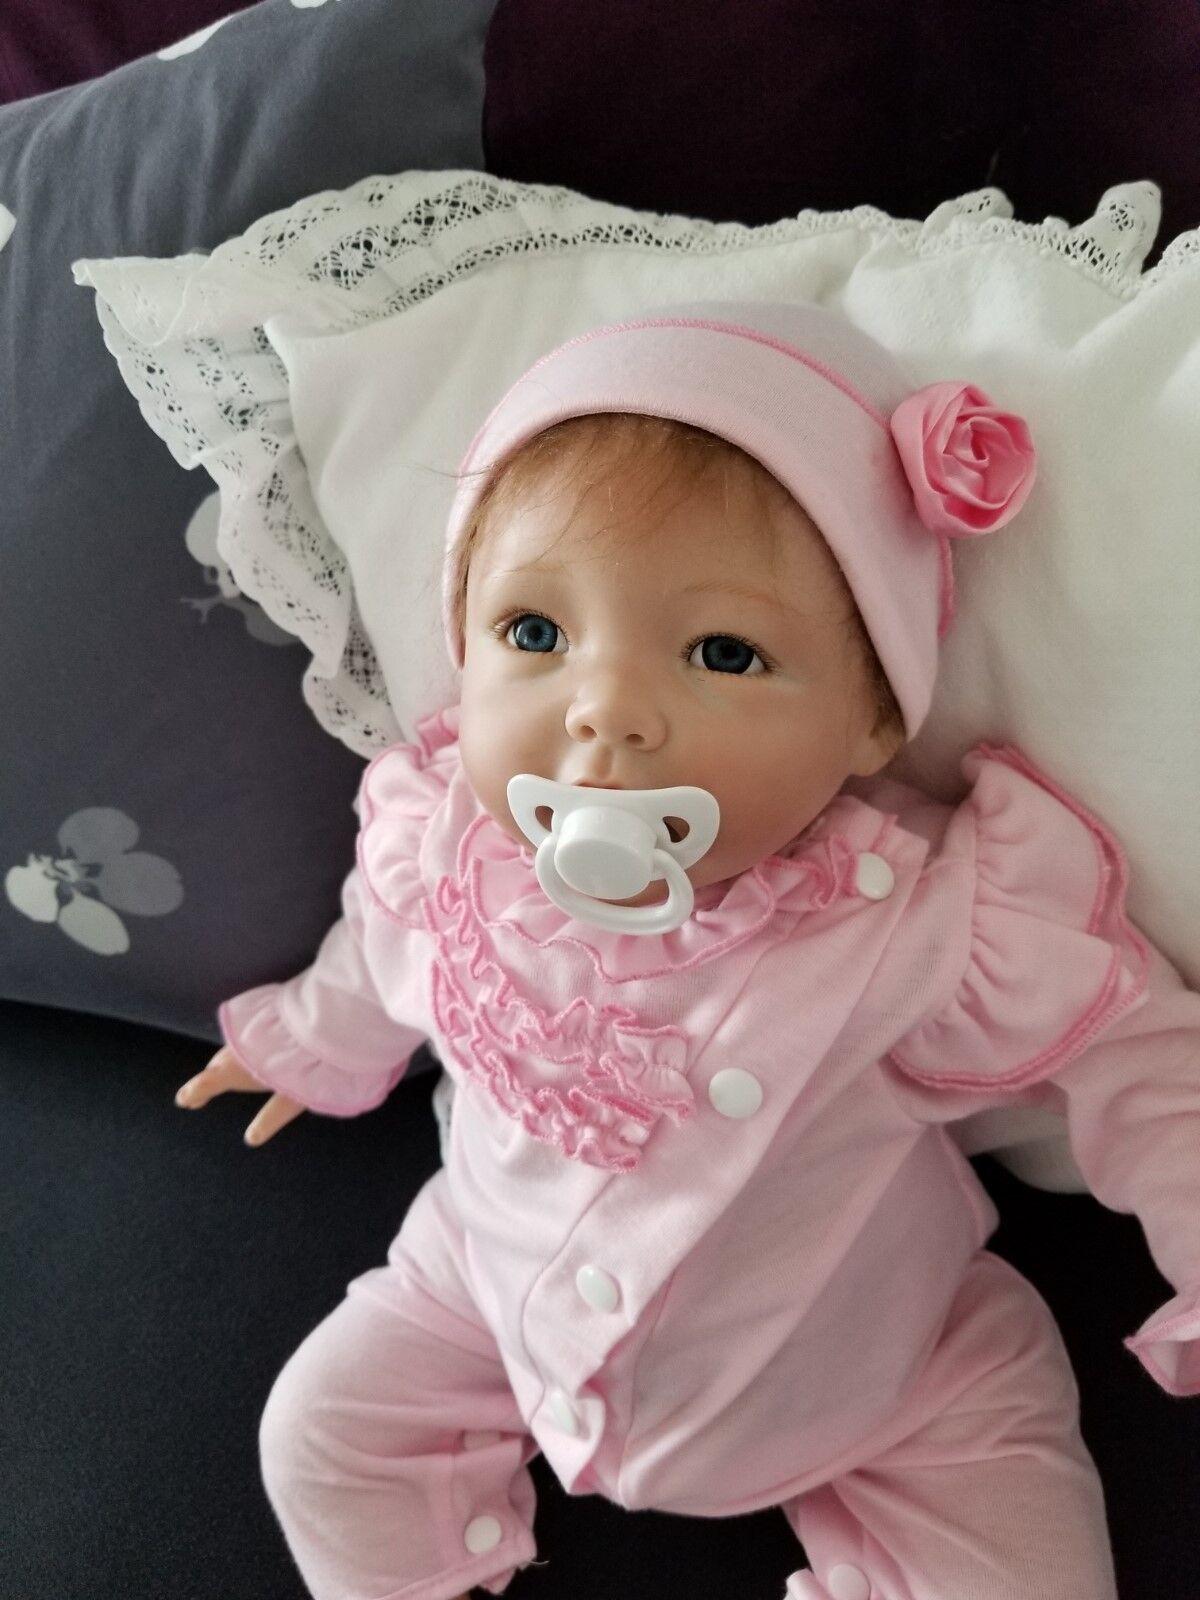 19  Hecho a Mano realista Reborn Doll con libre nuschel ® Vinilo De Silicona Suave Bebé